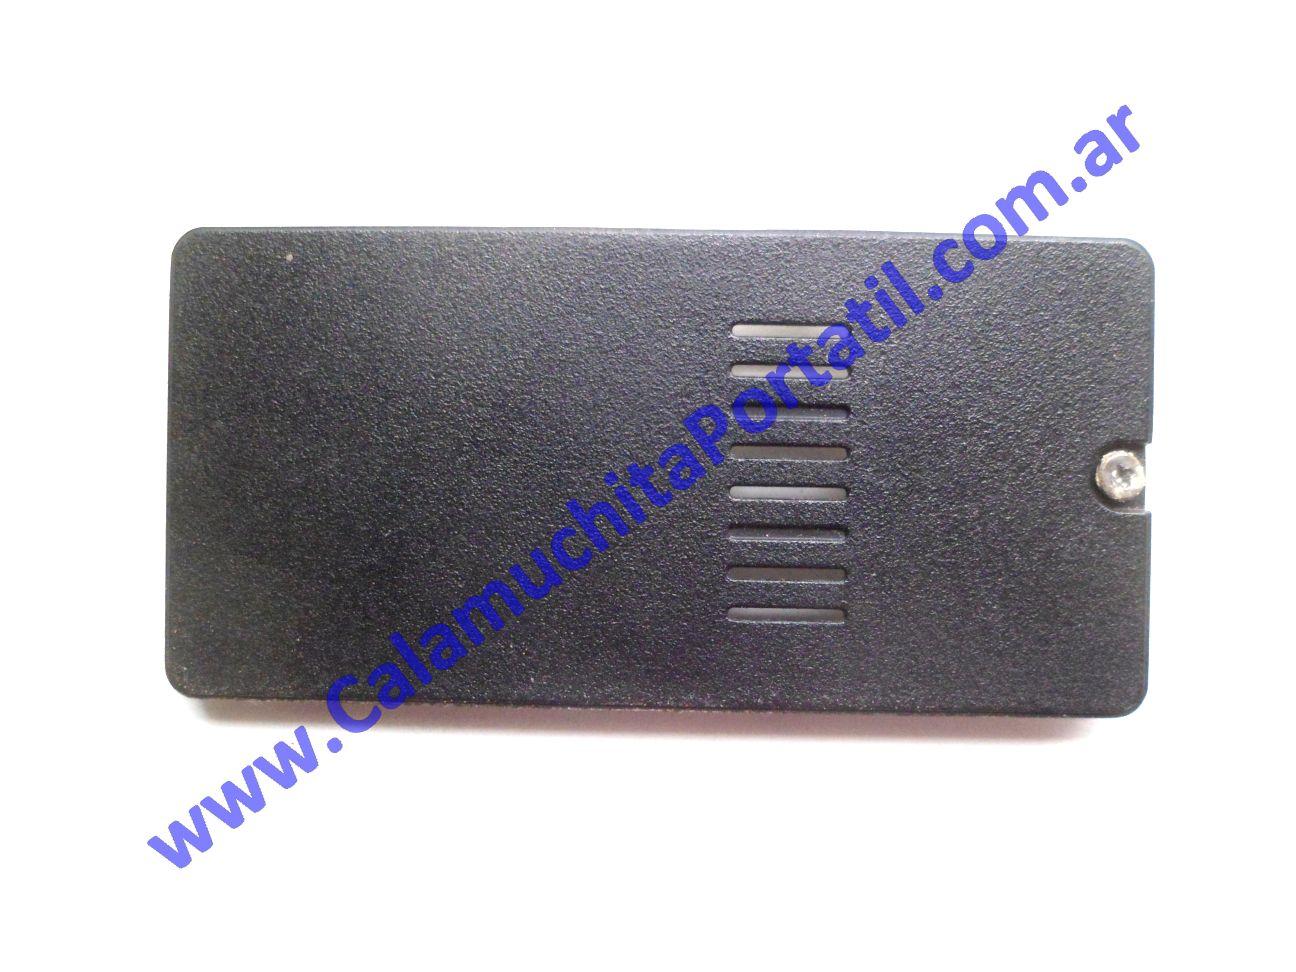 0576CTM Carcasas Tapa Memoria Asus Eee PC 1005PE